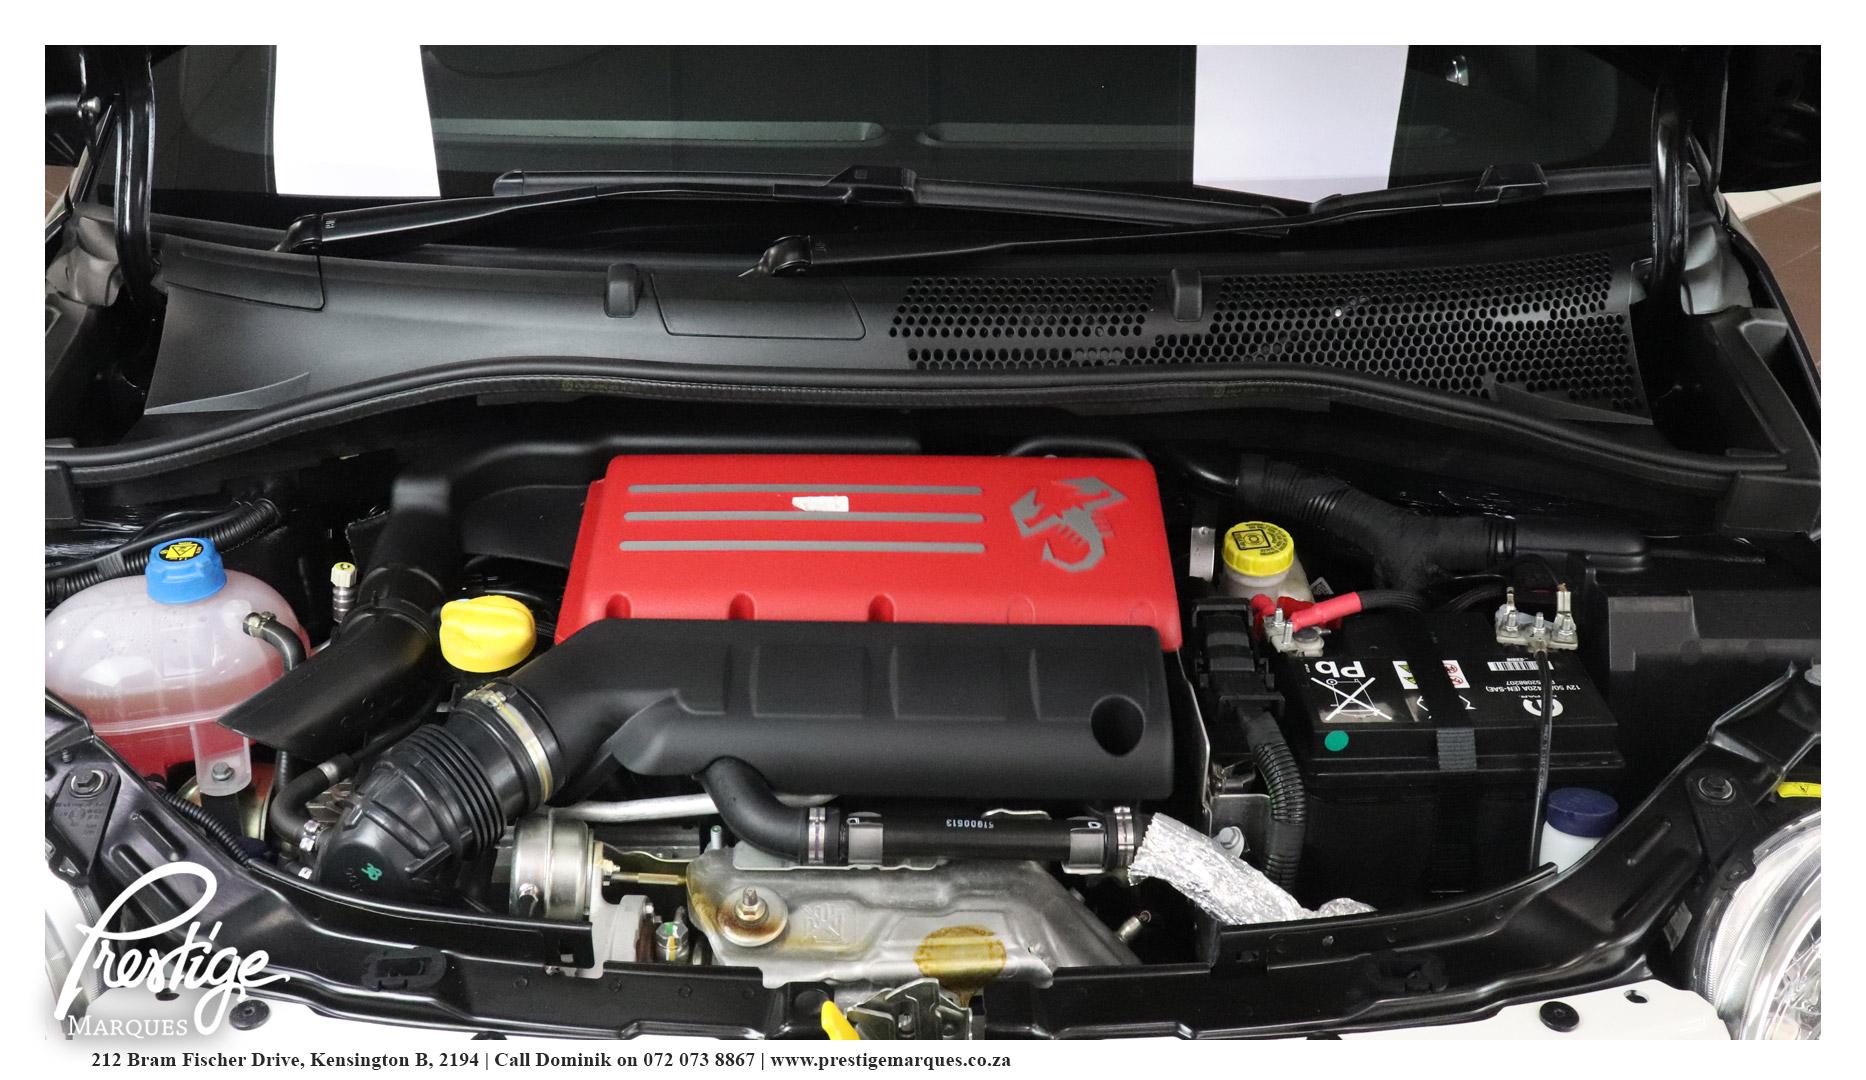 2020-Fiat-Abarth-595-Competizione-Manual-Prestige-Marques-Randburg-Sandton-10